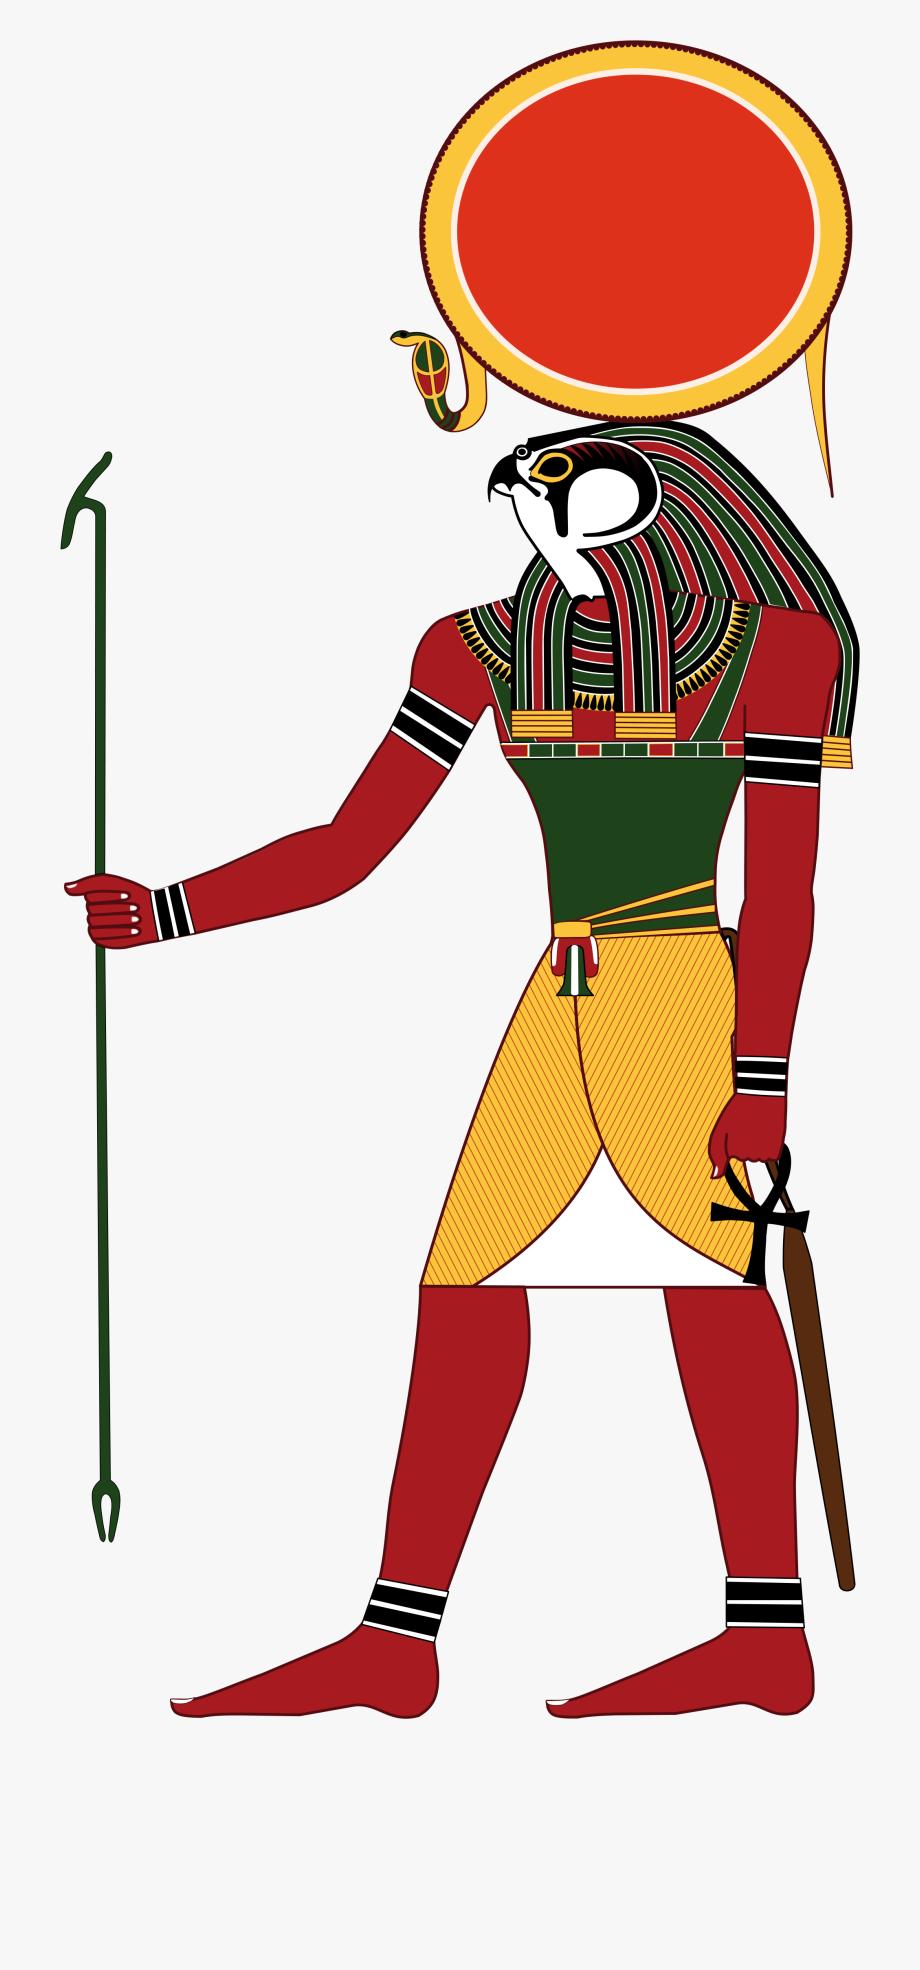 Ra dios del sol. Ten commandments clipart positive